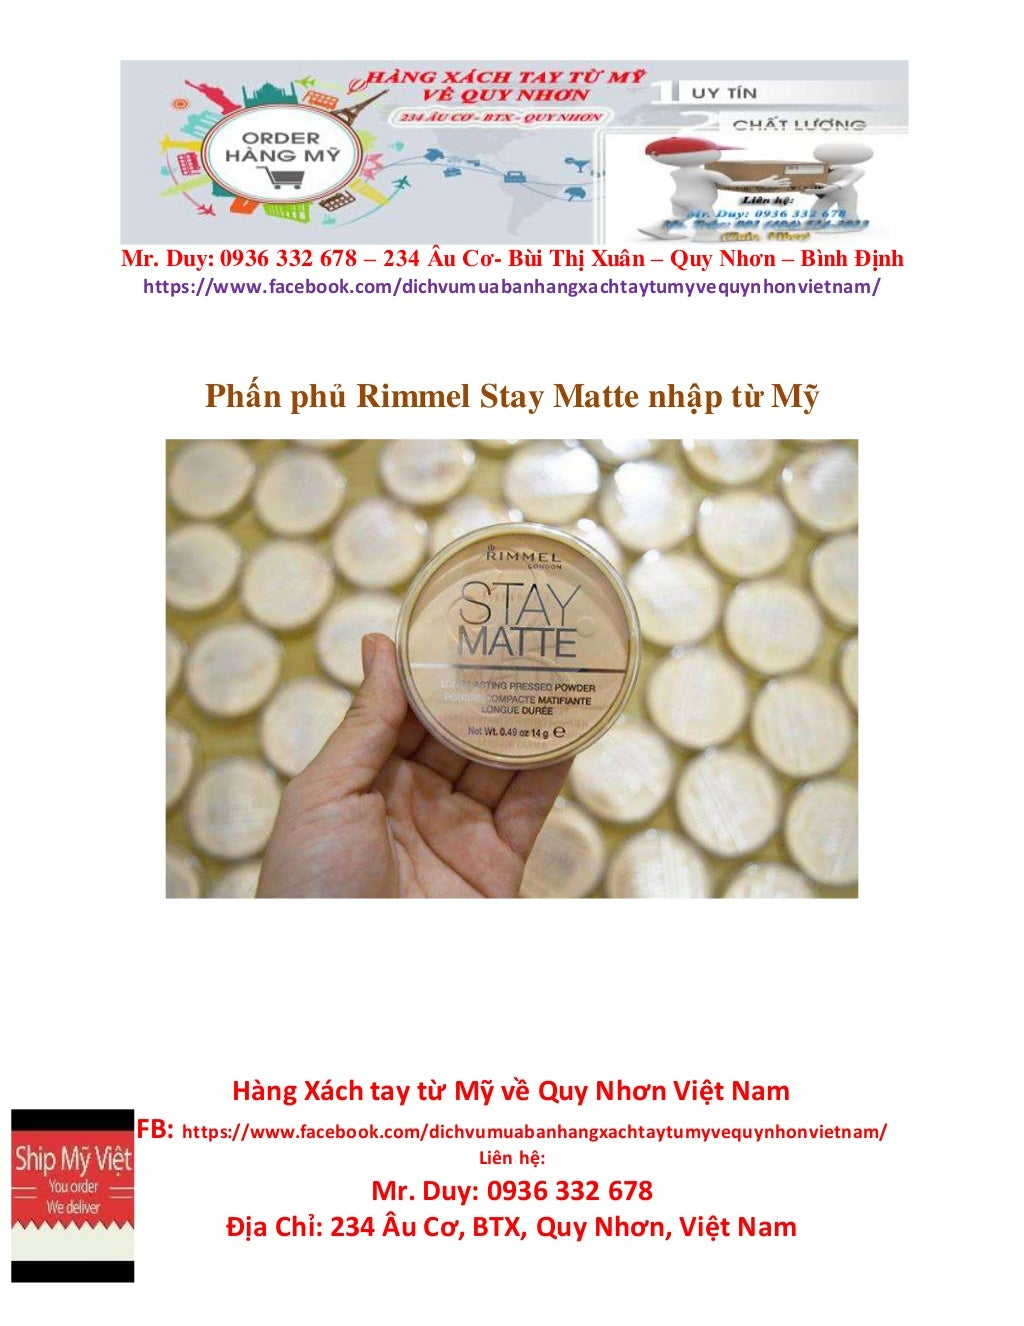 Trang web đặt mỹ phẩm xách tay tại Quy Nhơn bảo đảm - Magazine cover